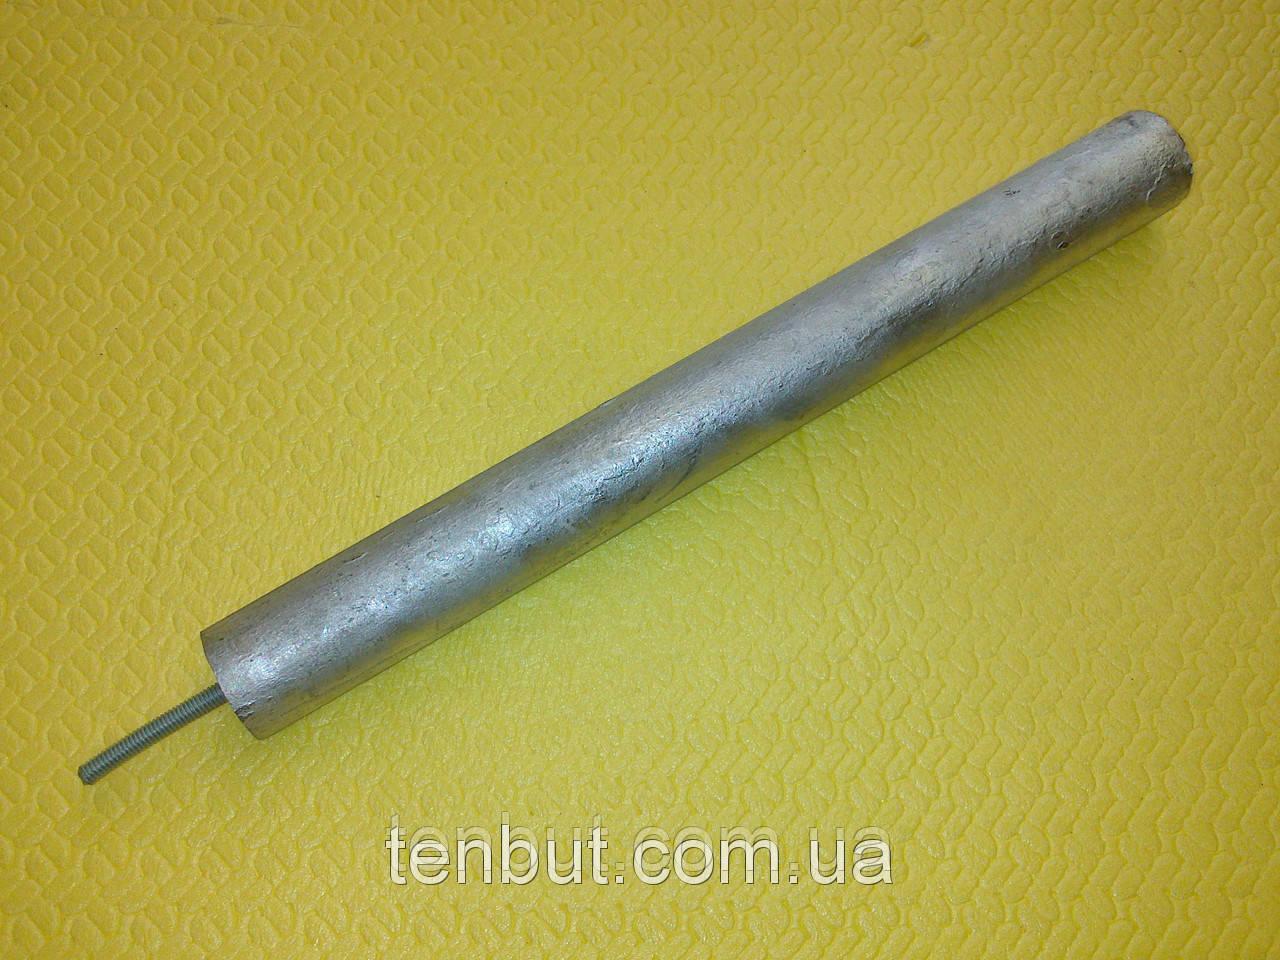 Магниевый анод м-5 / Ø-24 / L-200 мм. /  Шпилька L-10 мм. Производитель KAWAI